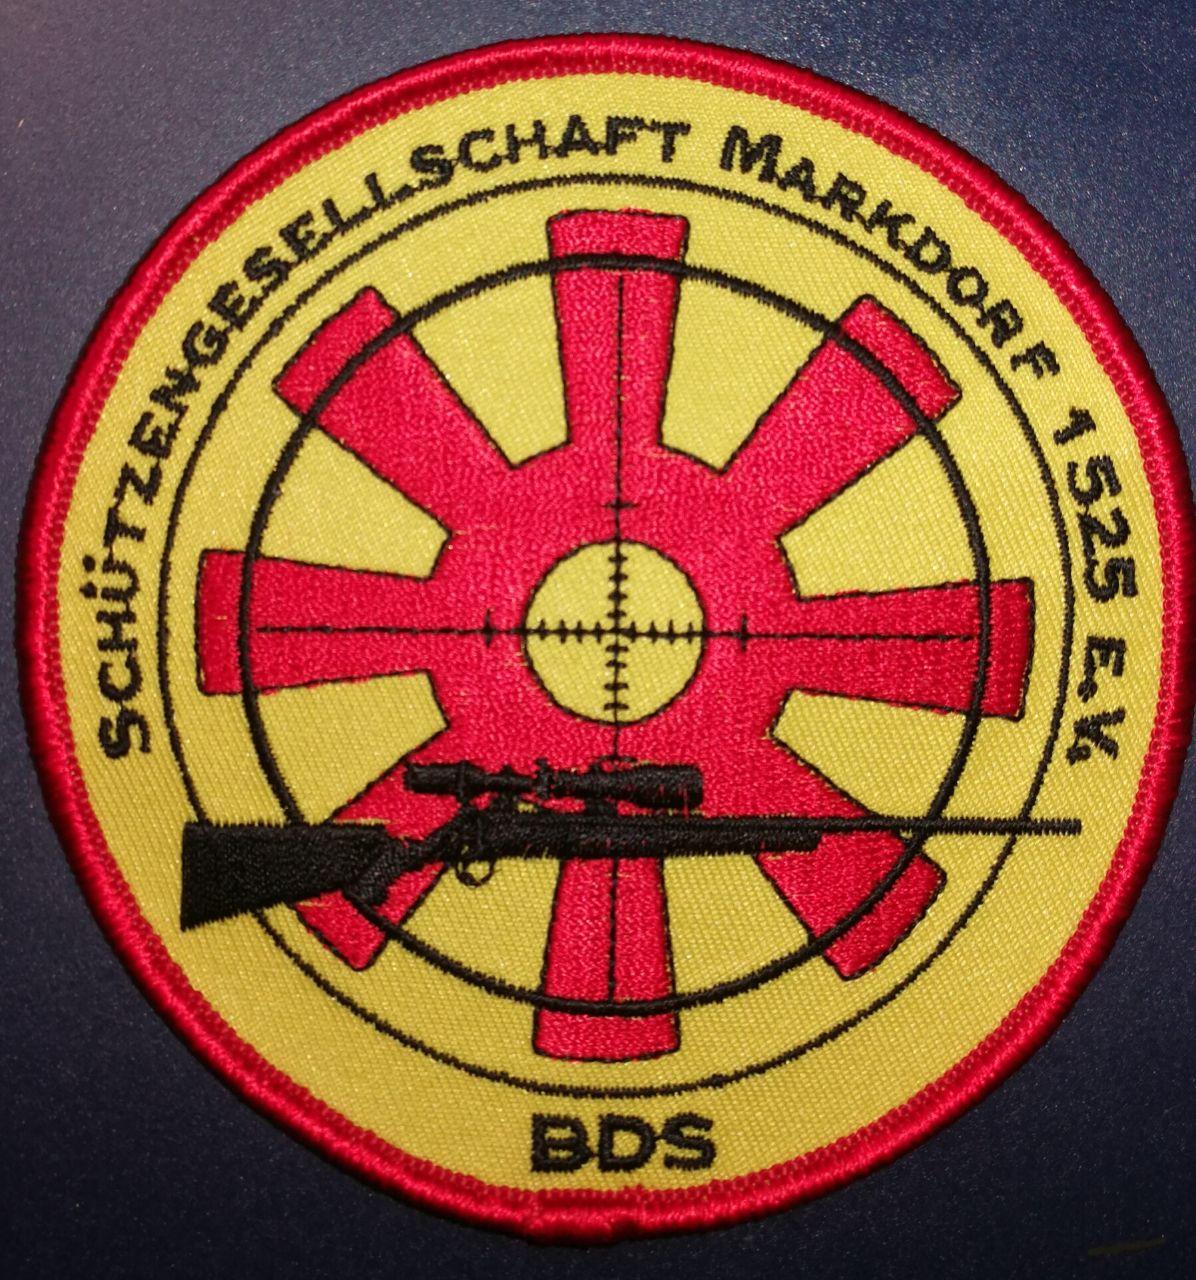 Schützengesellschaft Markdorf 1525 e.V.